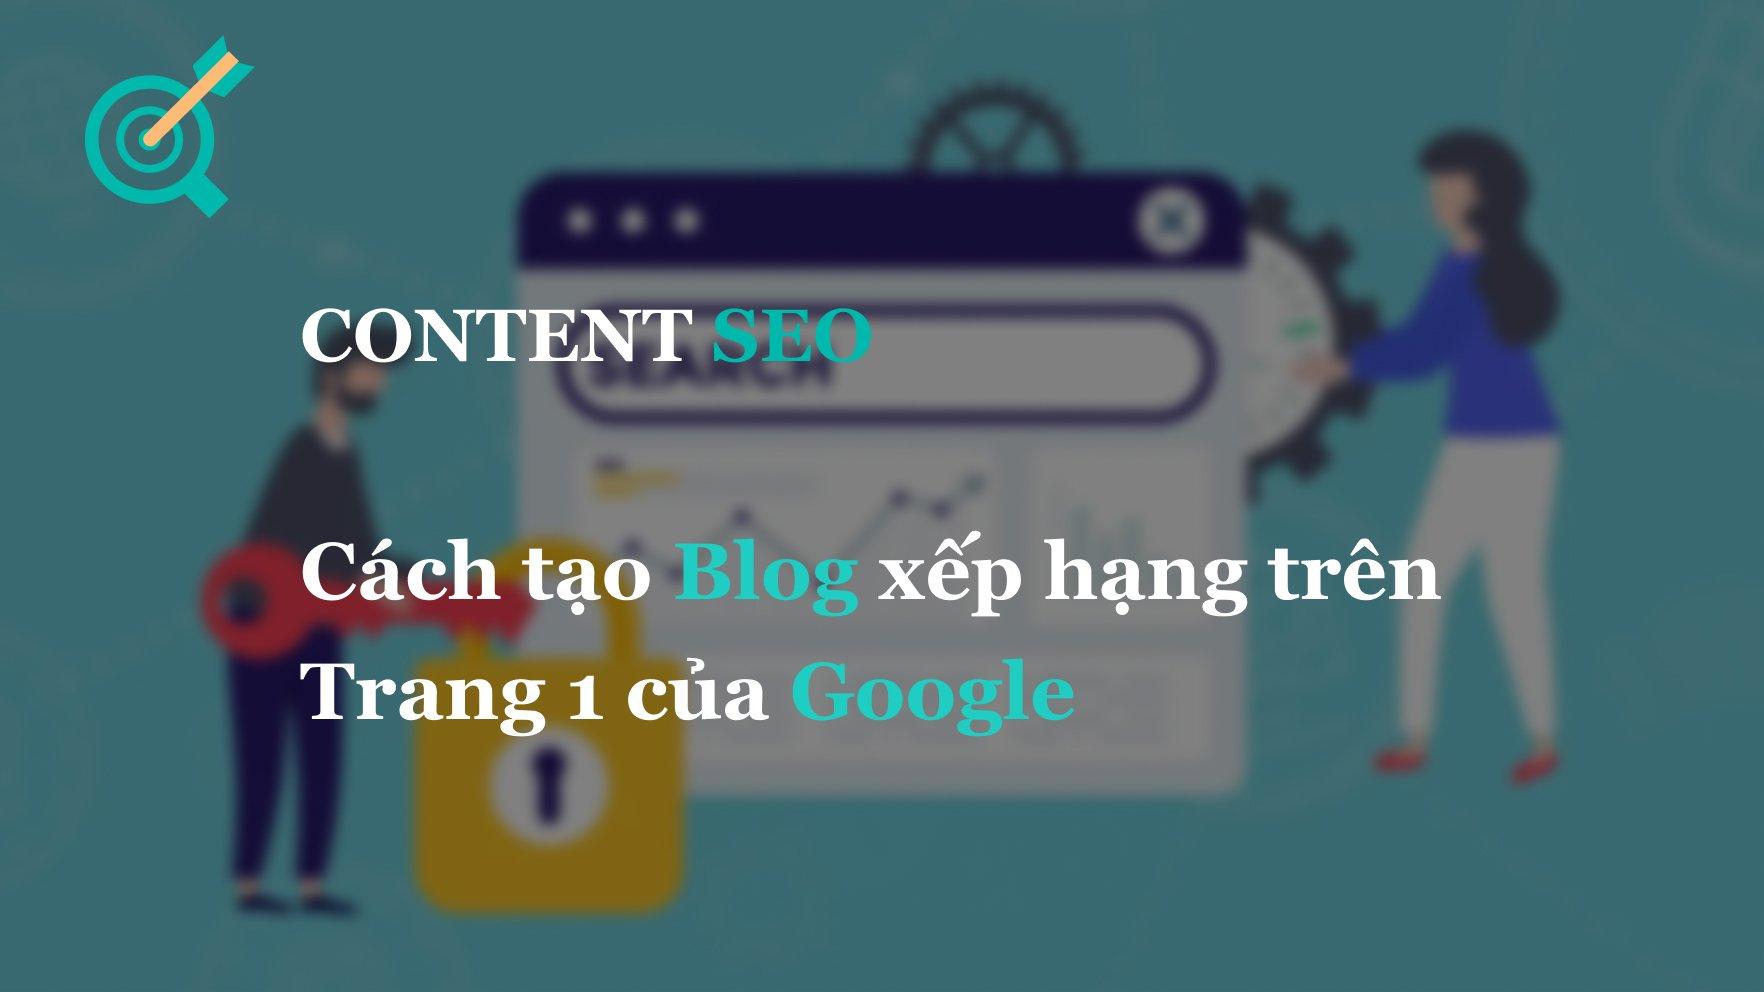 Cách tạo Blog xếp hạng trên Trang 1 của Google